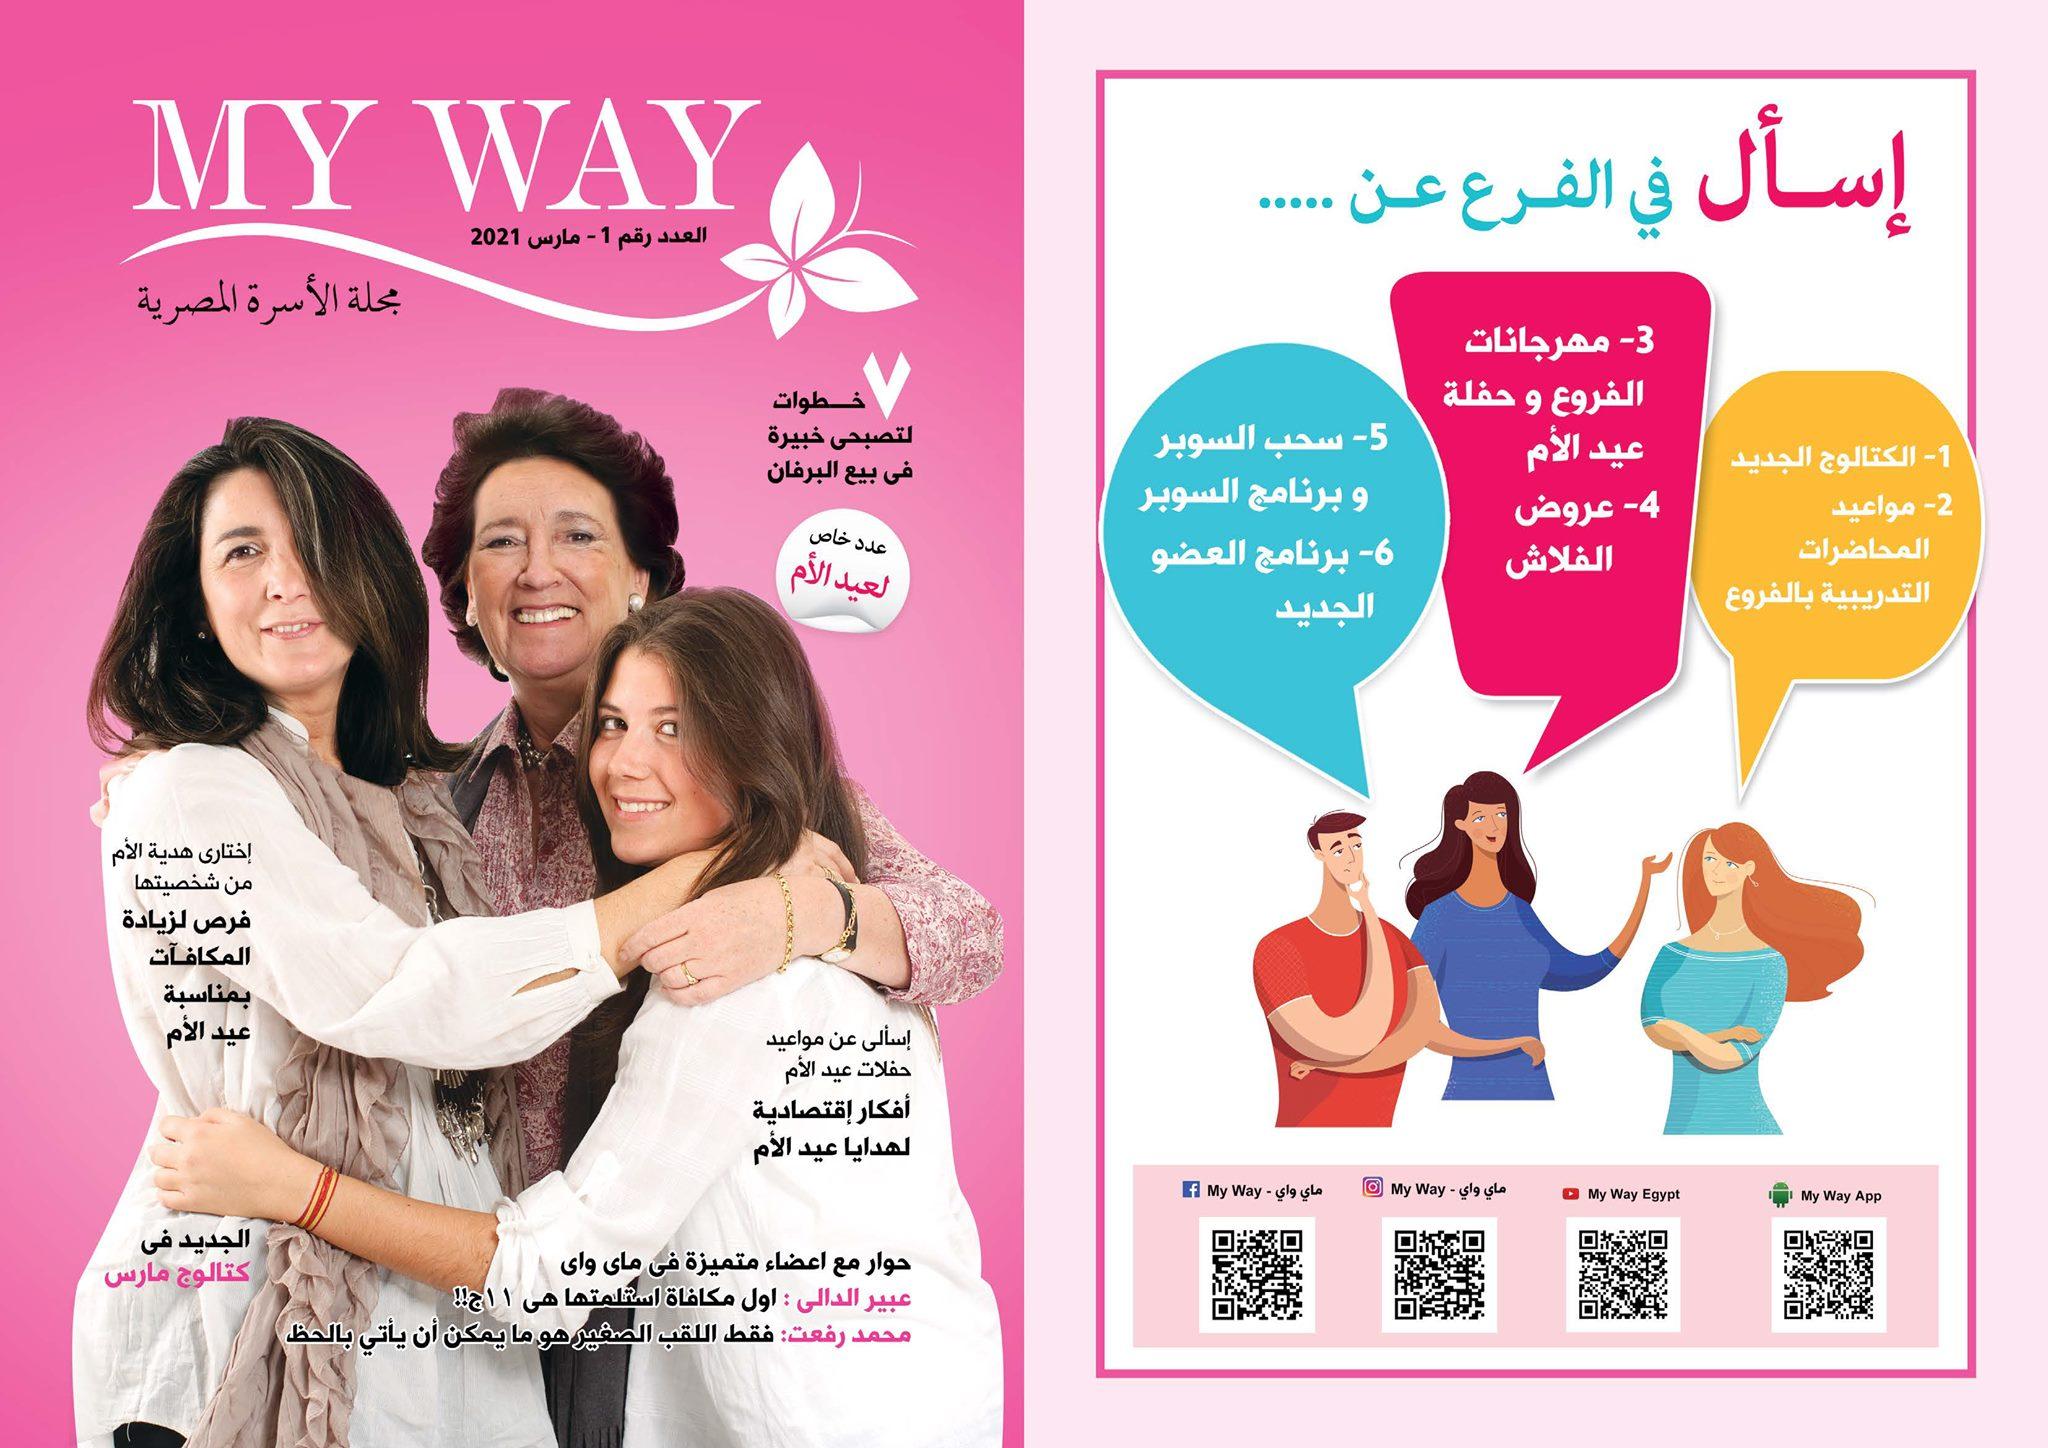 مجلة ماى واى مارس 2021 العدد الأول مجلة الأسرة المصرية